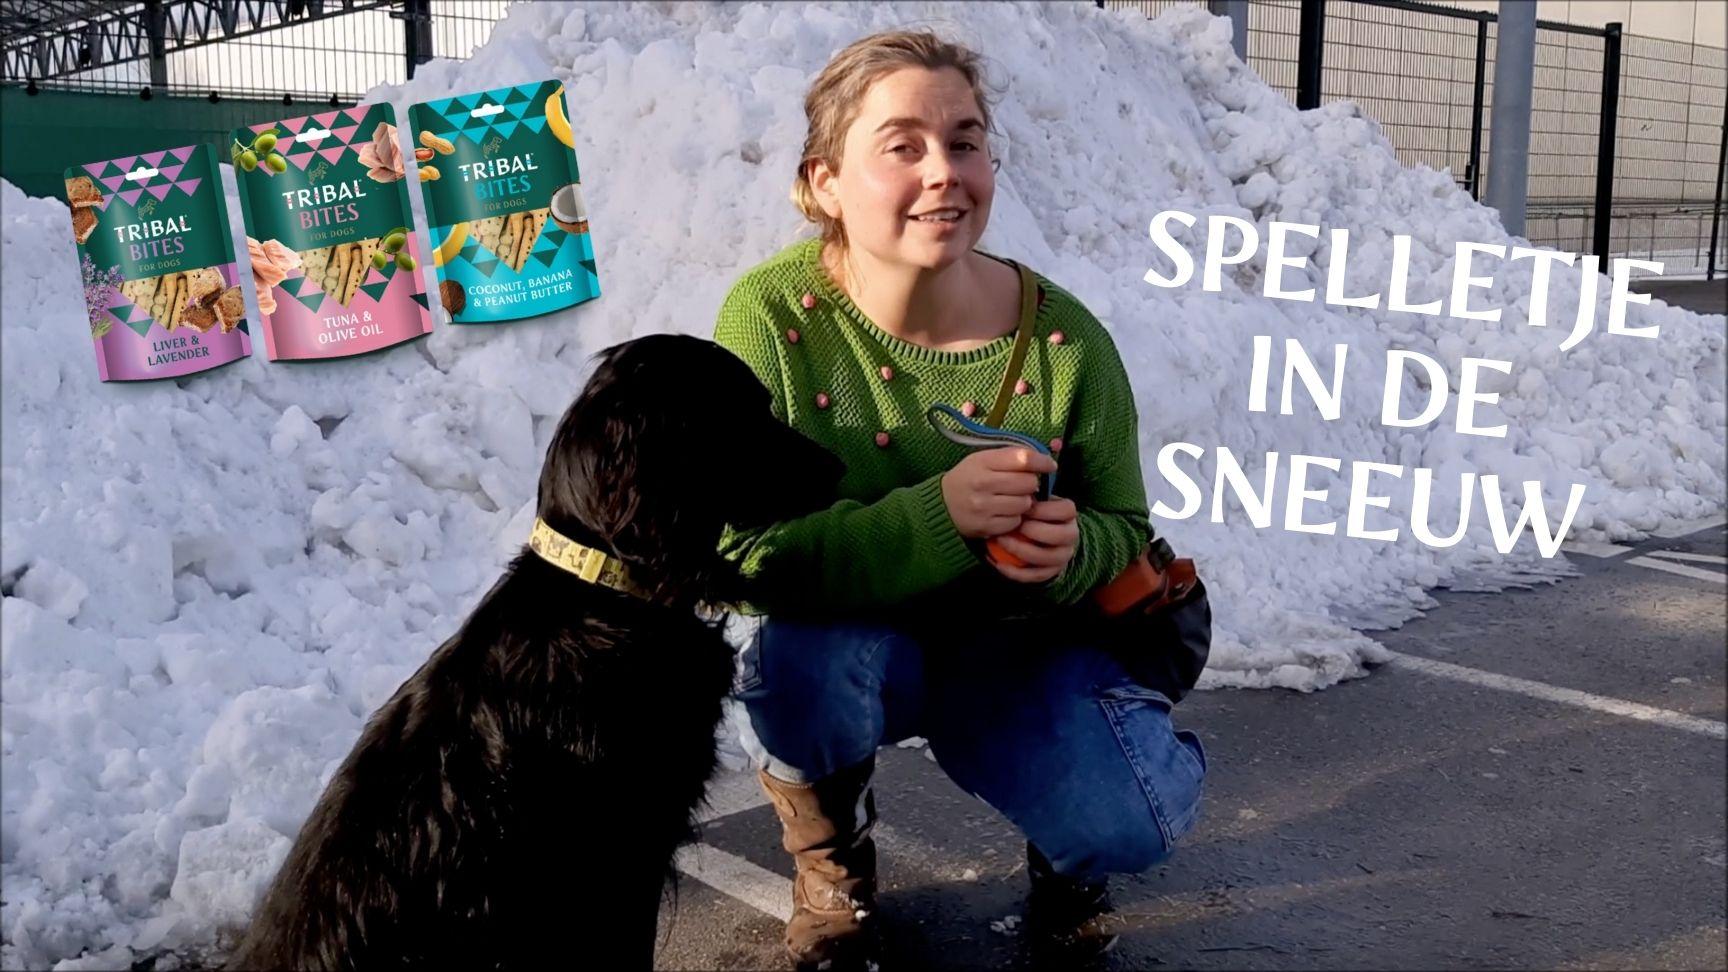 zoekspel sneeuw hond tribal rewards